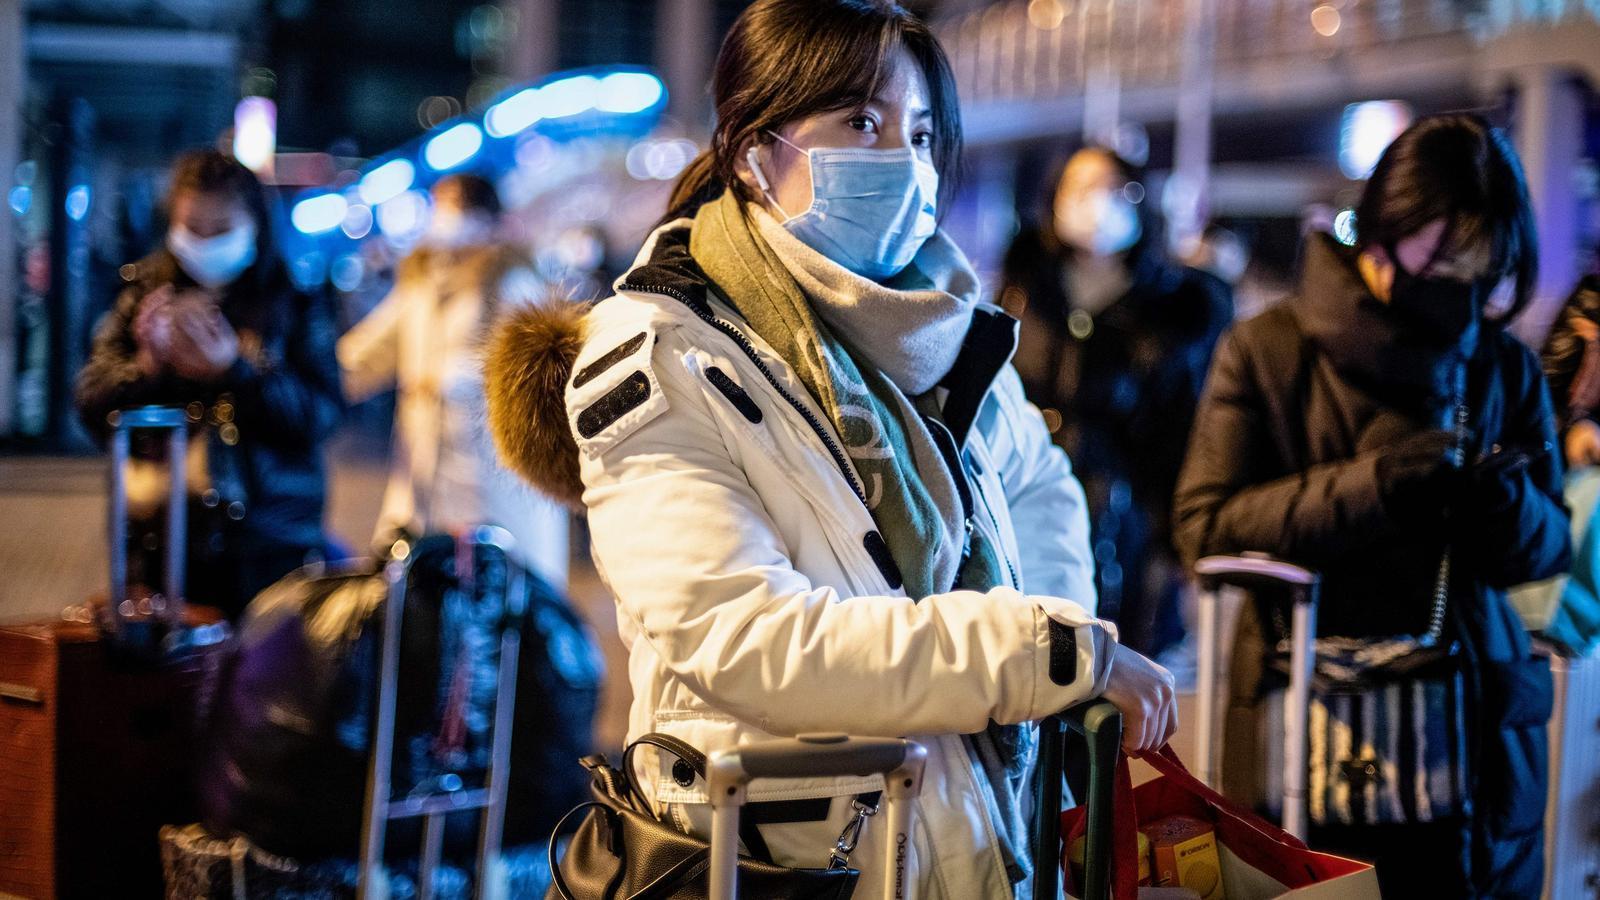 Passatgers, amb màscara protectora, a la seva arribada a l'estació de ferrocarril de Pequín